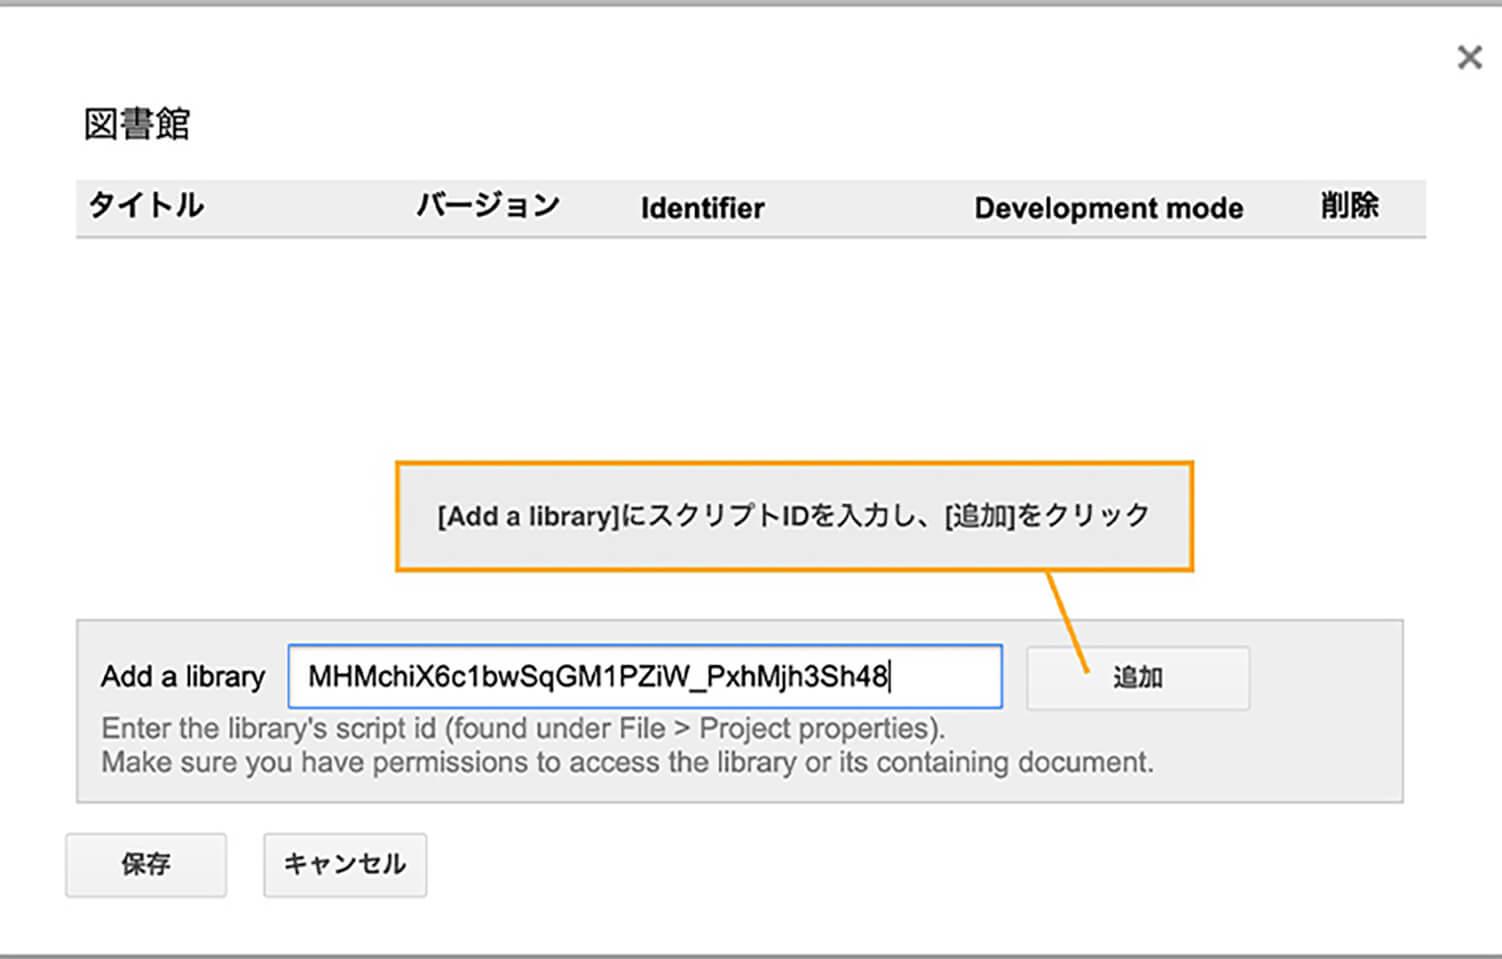 [ライブラリ]をクリックして、ライブラリ設定のモーダルが表示された画像